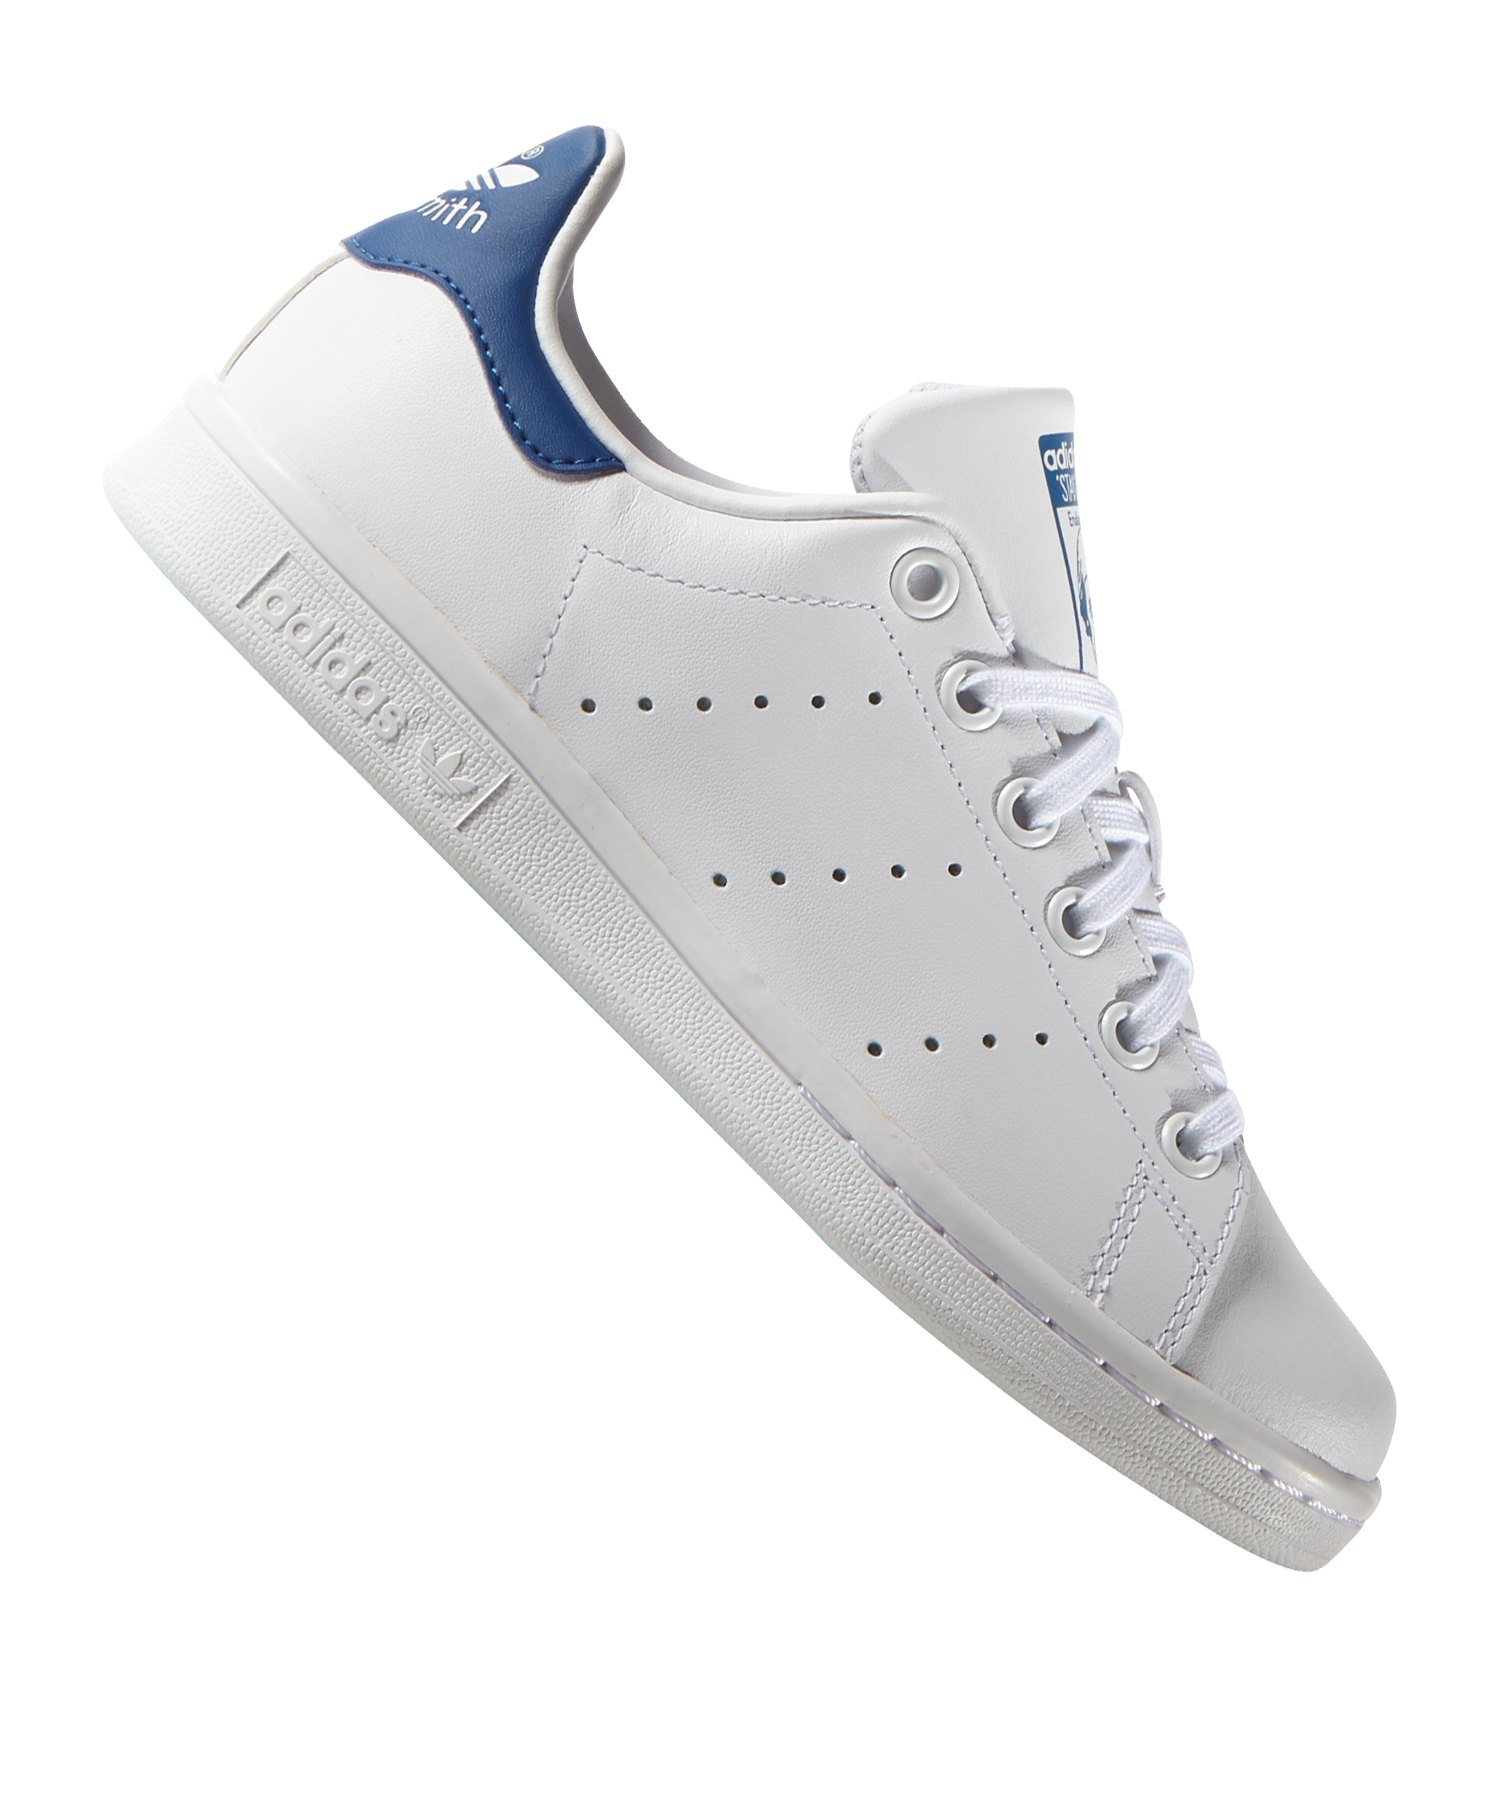 Fallen Nike Im Wie Adidas Vergleich Schuhe Zu Aus Y7If6vgmby